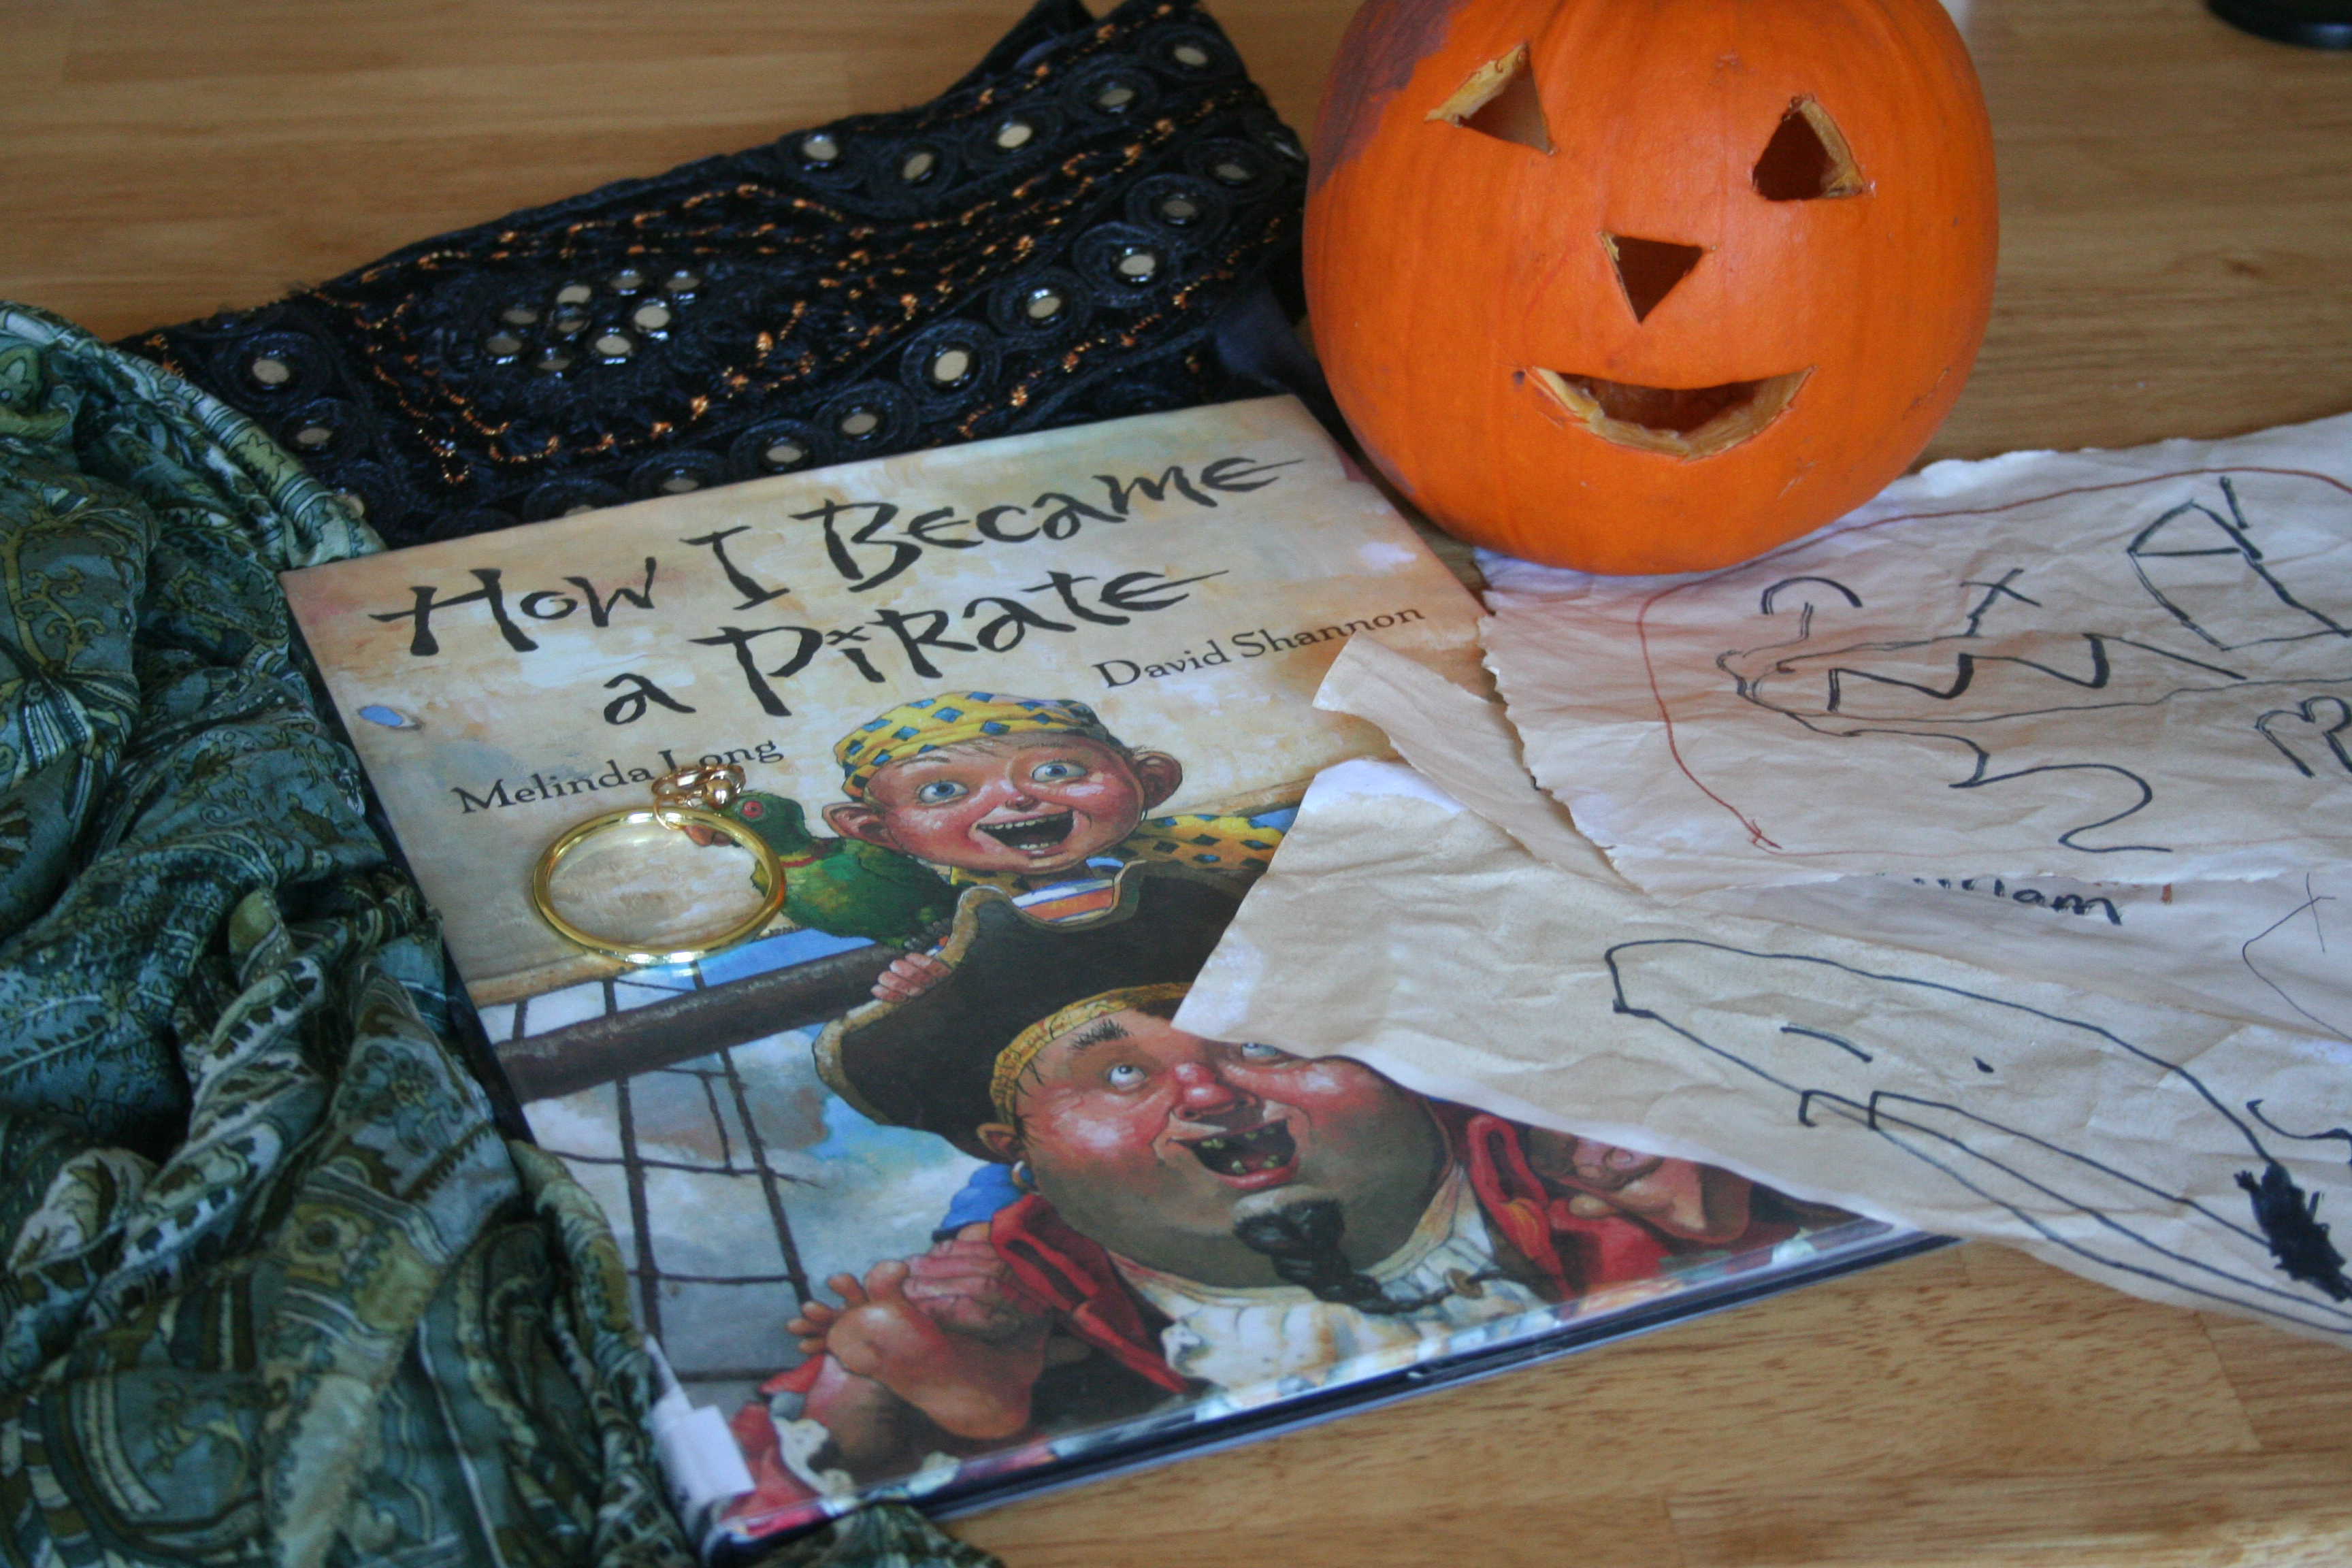 pumpkin and pirate stuff!